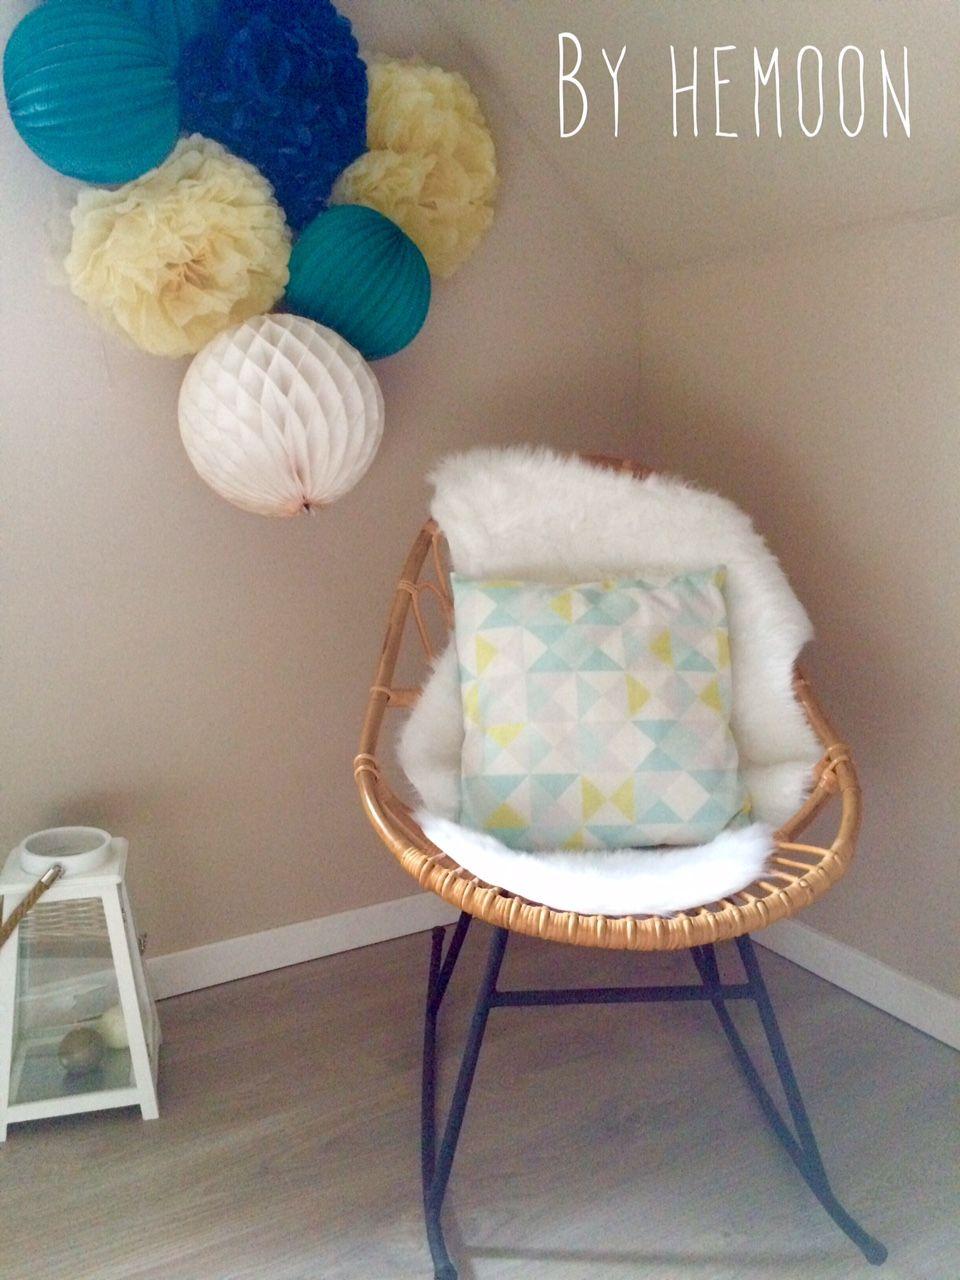 fauteuil crapaud maison du monde fauteuil cabriolet louis posie bureau pastel maisons du monde. Black Bedroom Furniture Sets. Home Design Ideas